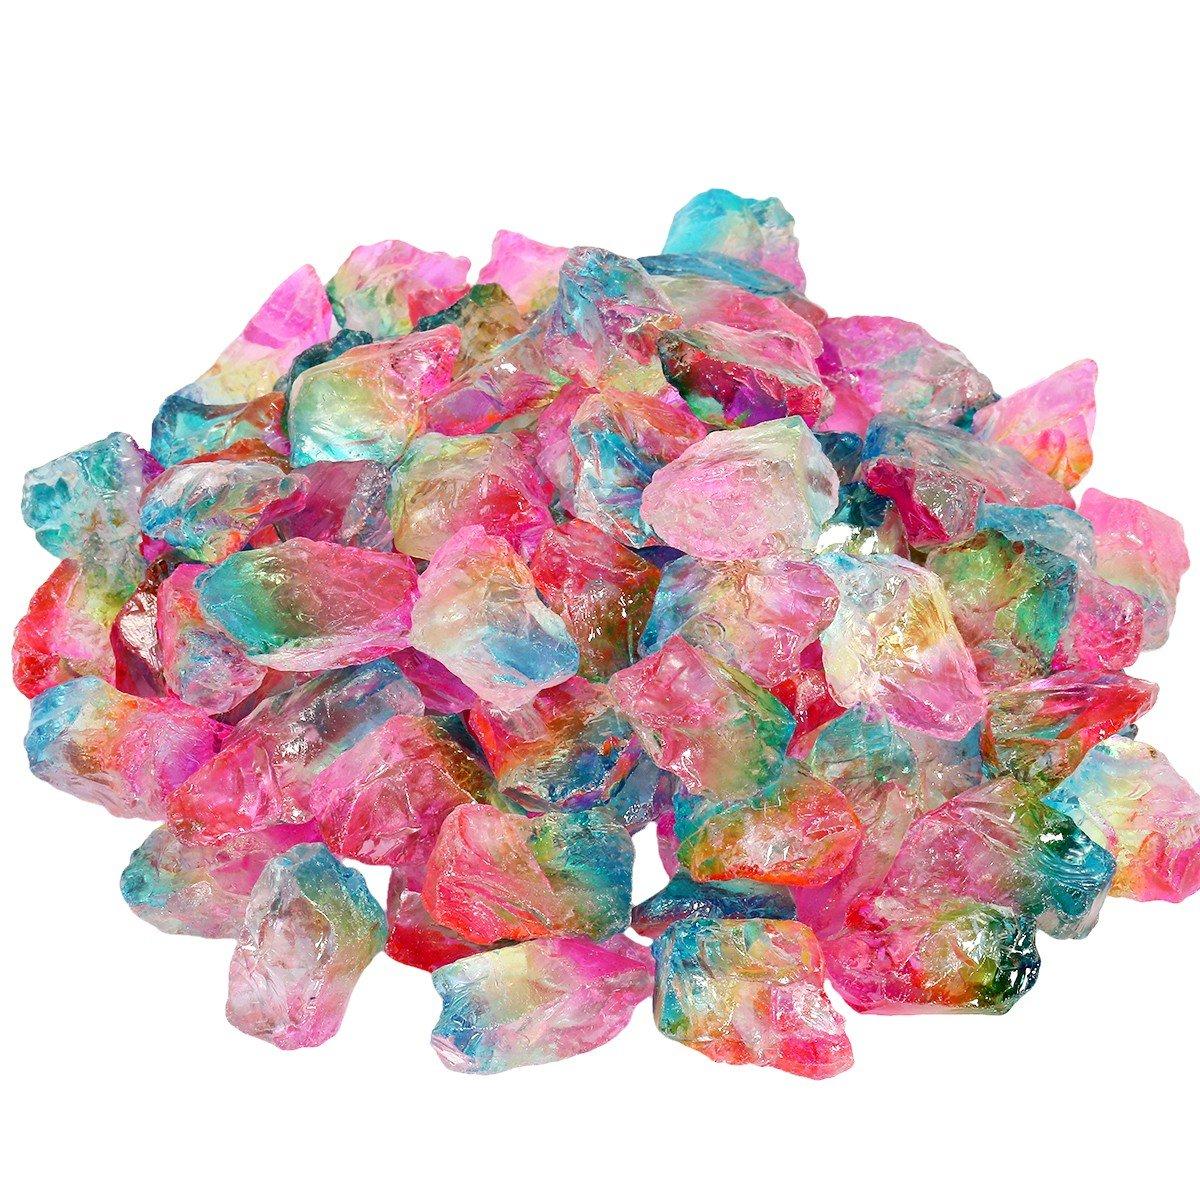 SUNYIK Rainbow Titanium Coated Rough Crystal Point Raw Rock Quartz Cluster Specimen 0.5lb (0.5''-2'')